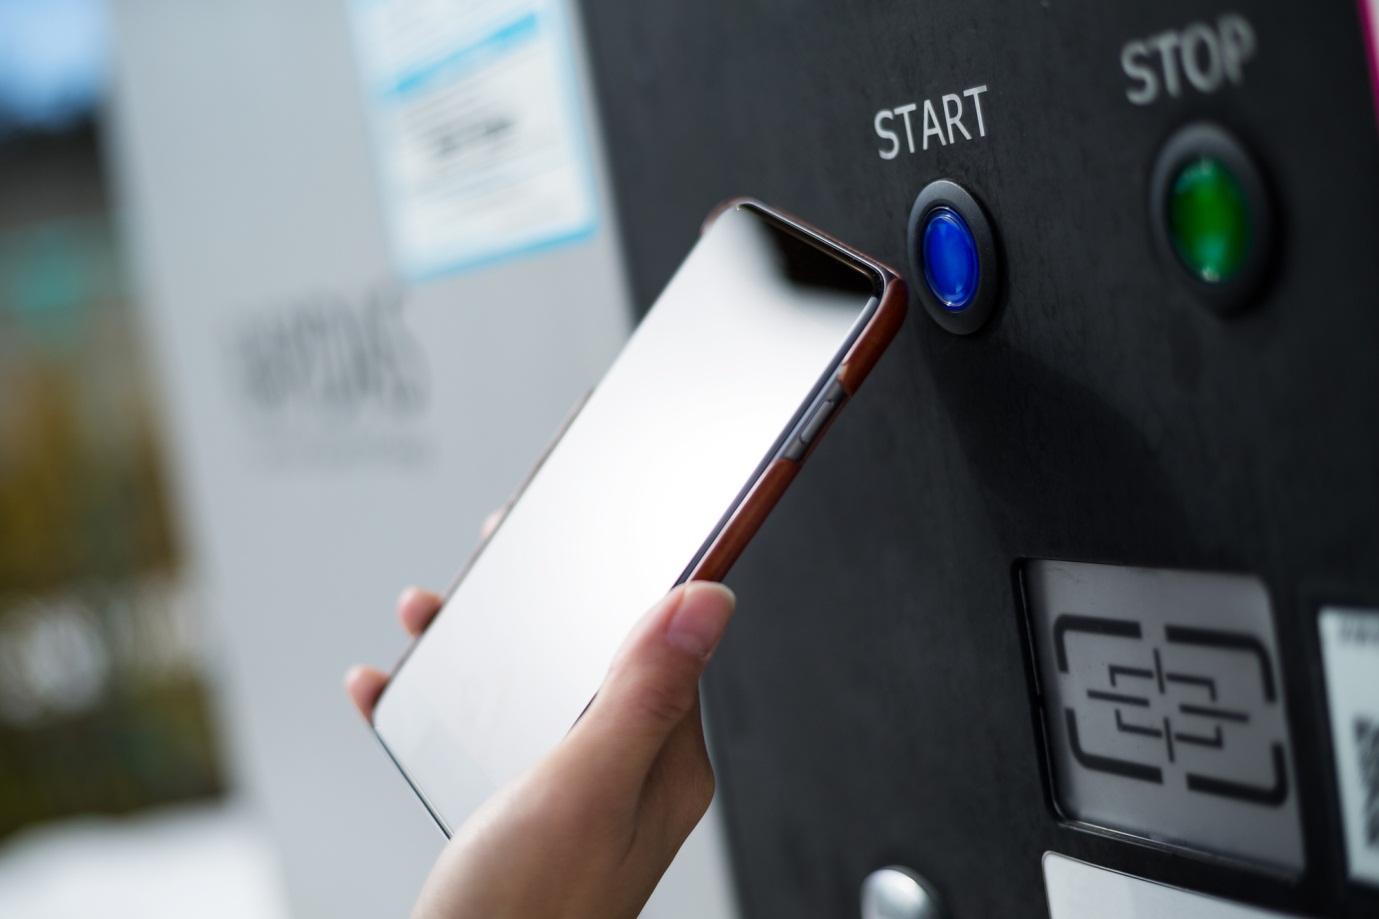 Узнать есть ли в смартфоне nfc можно в официальной инструкции к гаджету